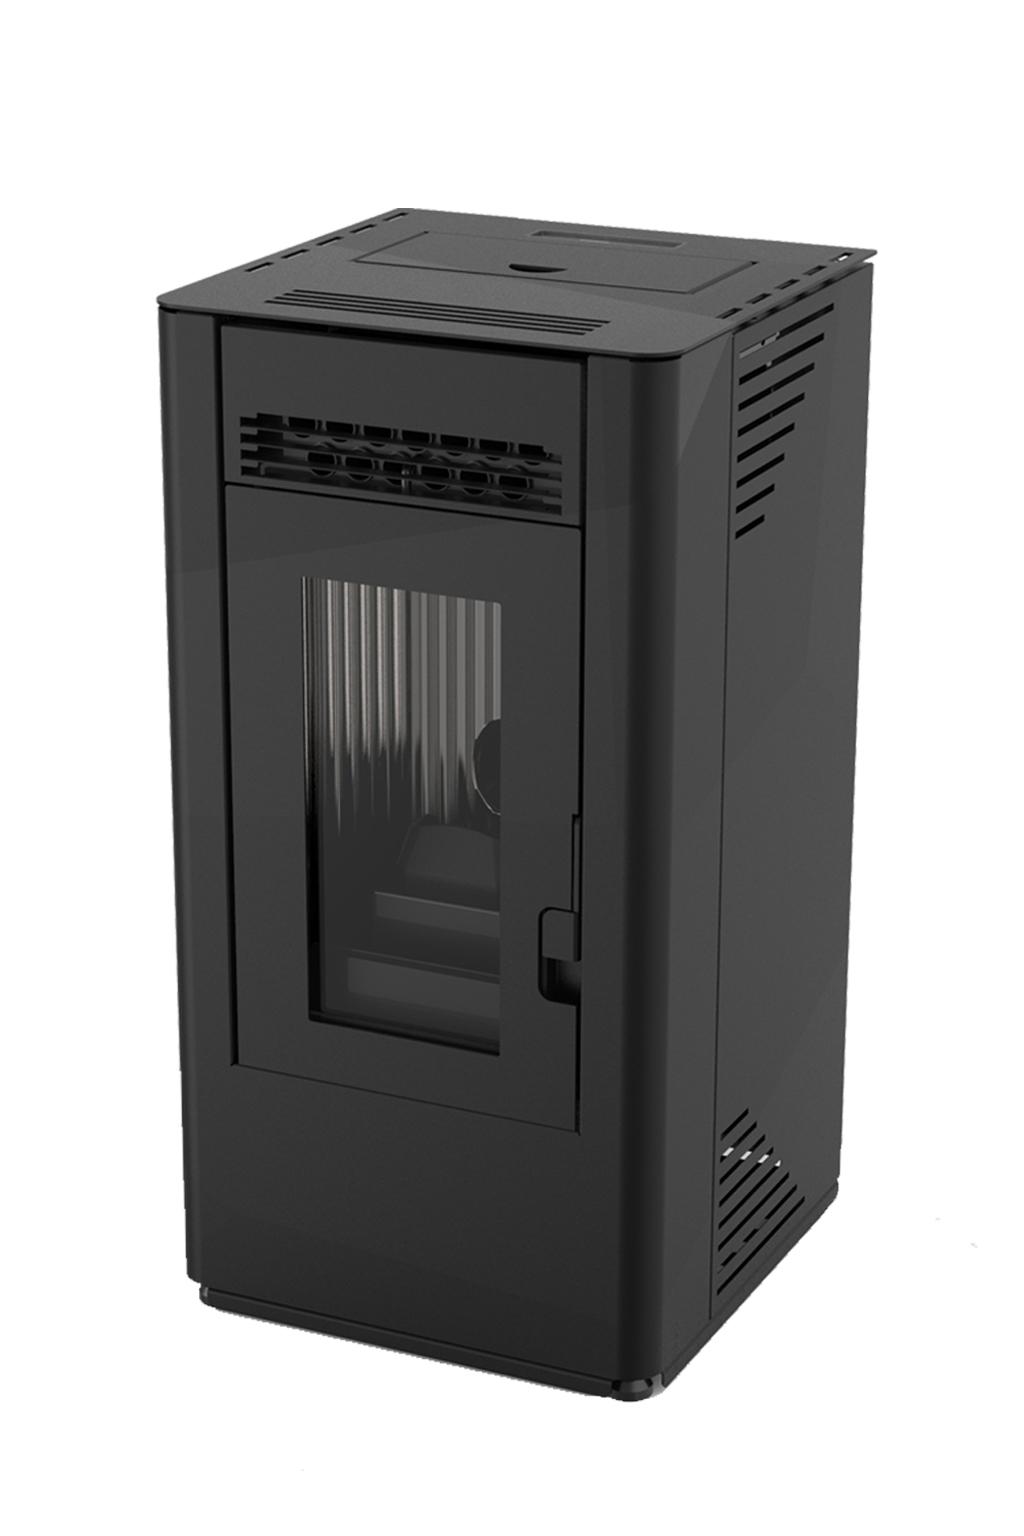 Italfuoco pelletkachel 8 kW zwart